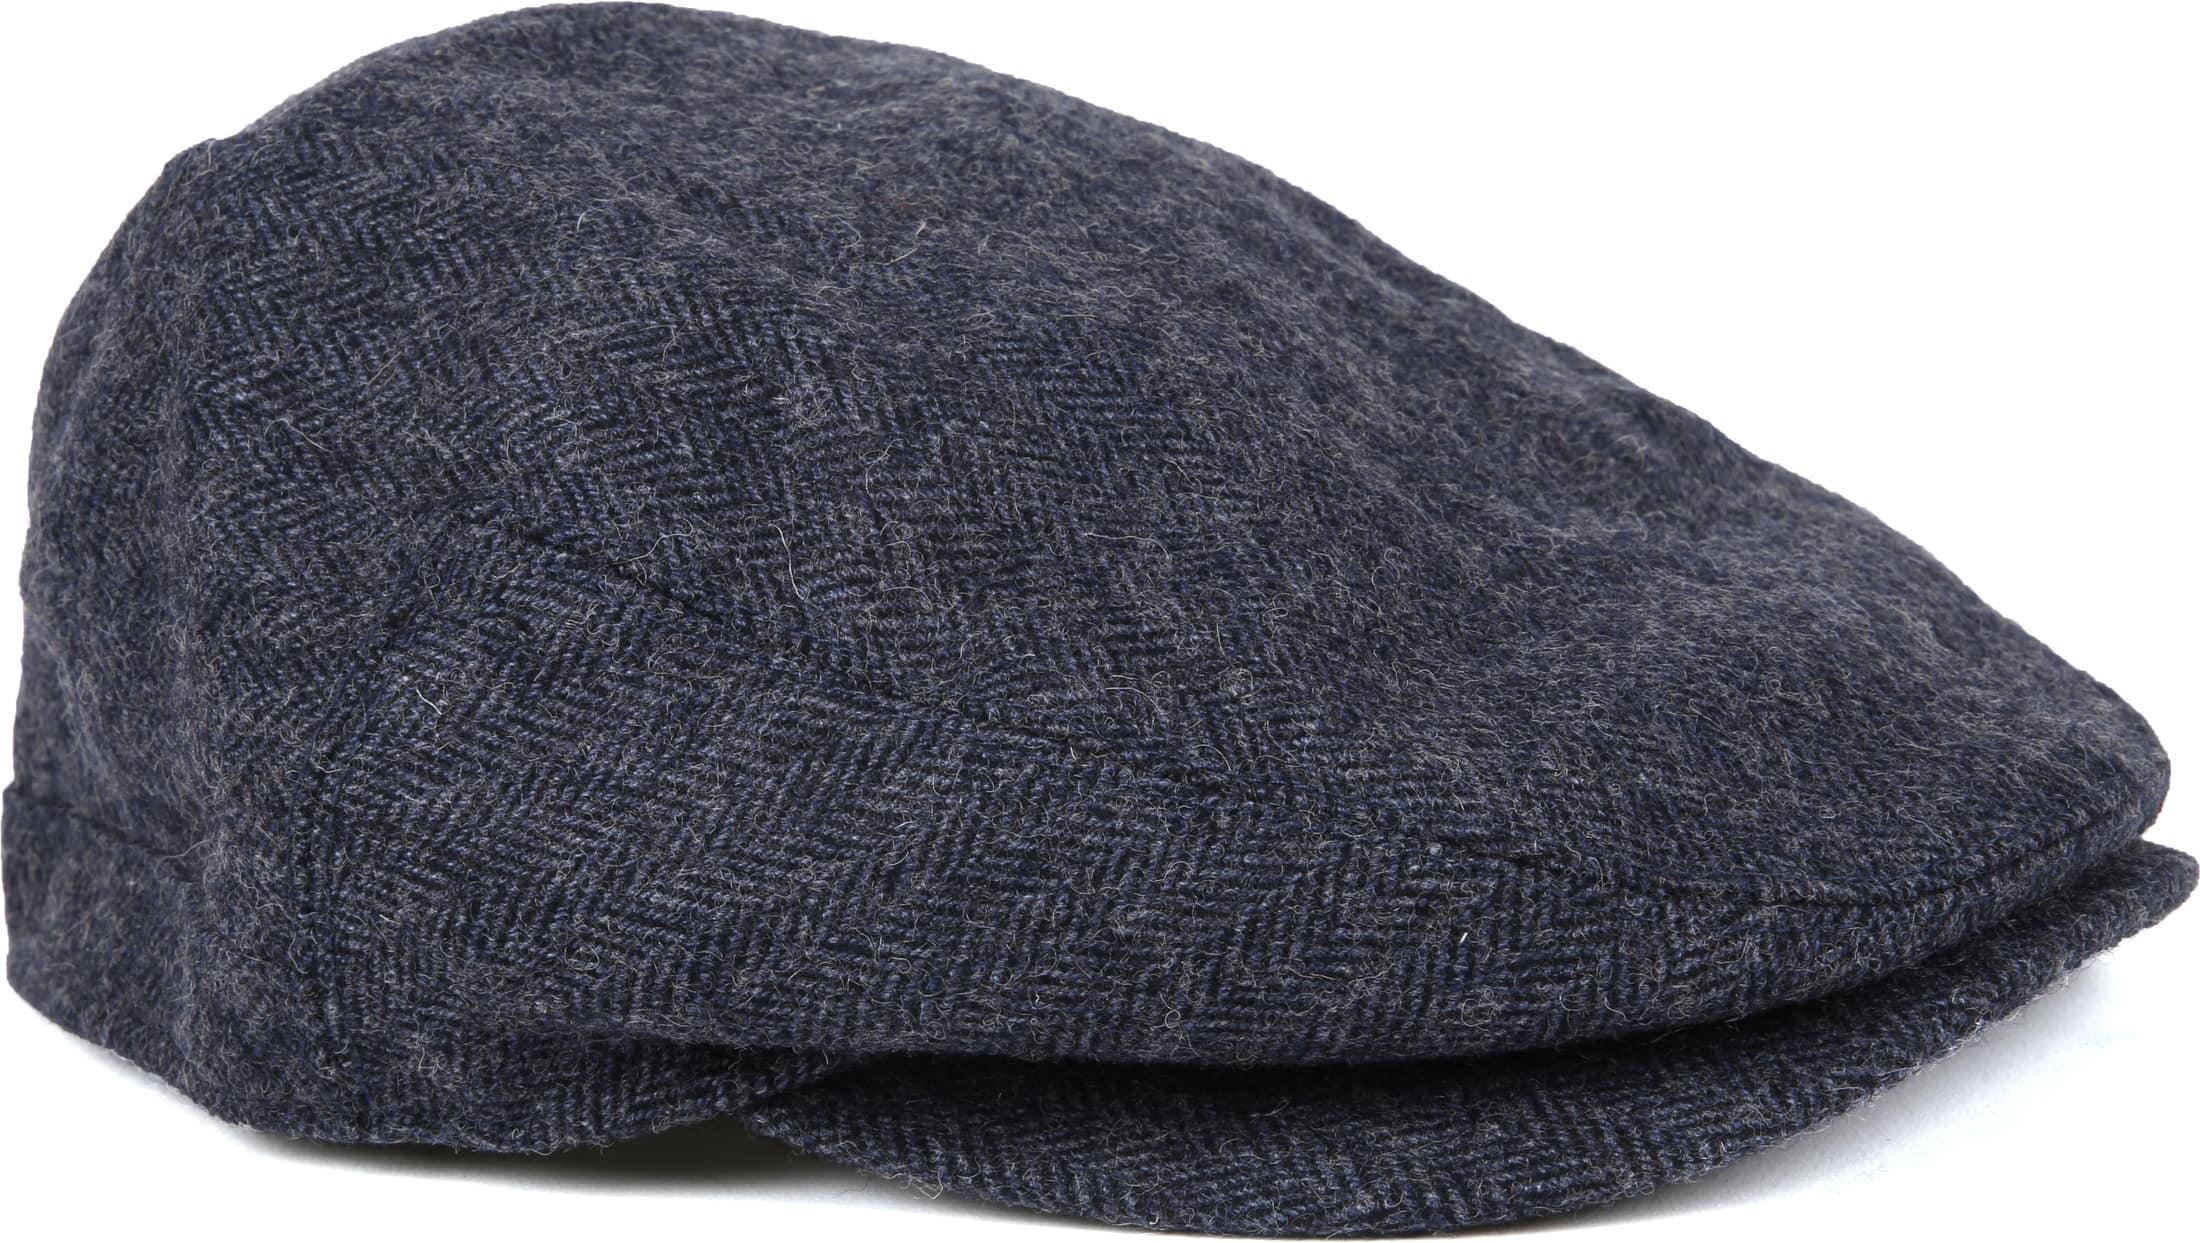 New MENS BEN SHERMAN GRAY HERRINGBONE WOOL//POLYESTER FLAT CAP CAPS